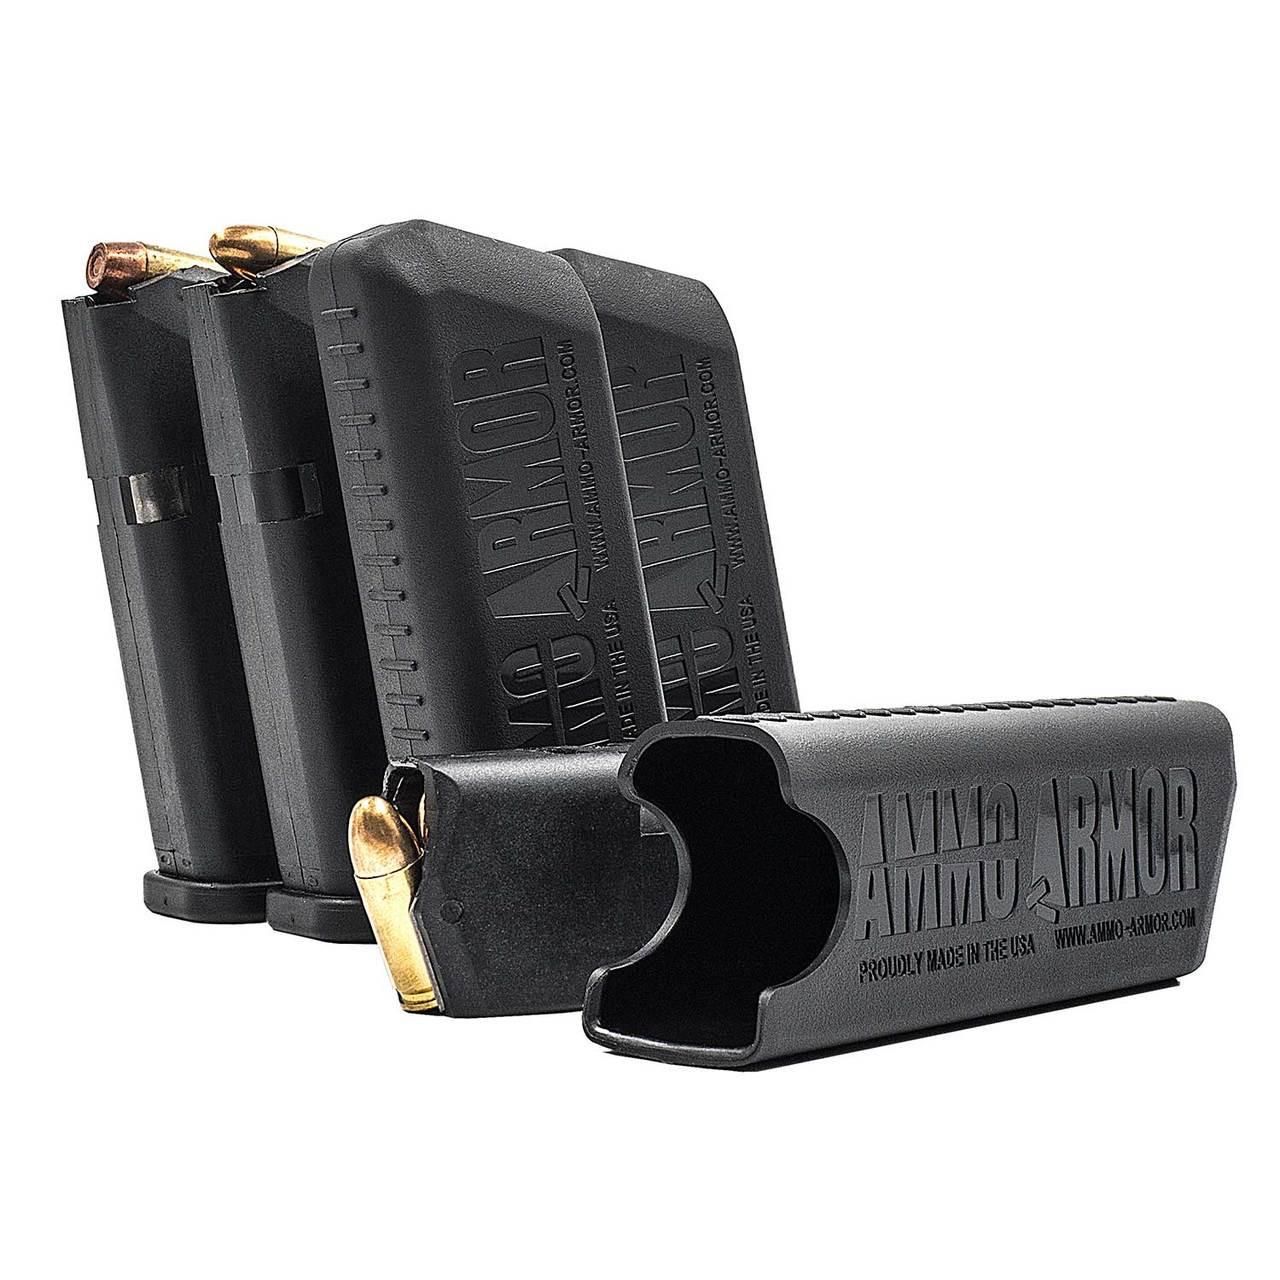 Glock 26 Magazine Case